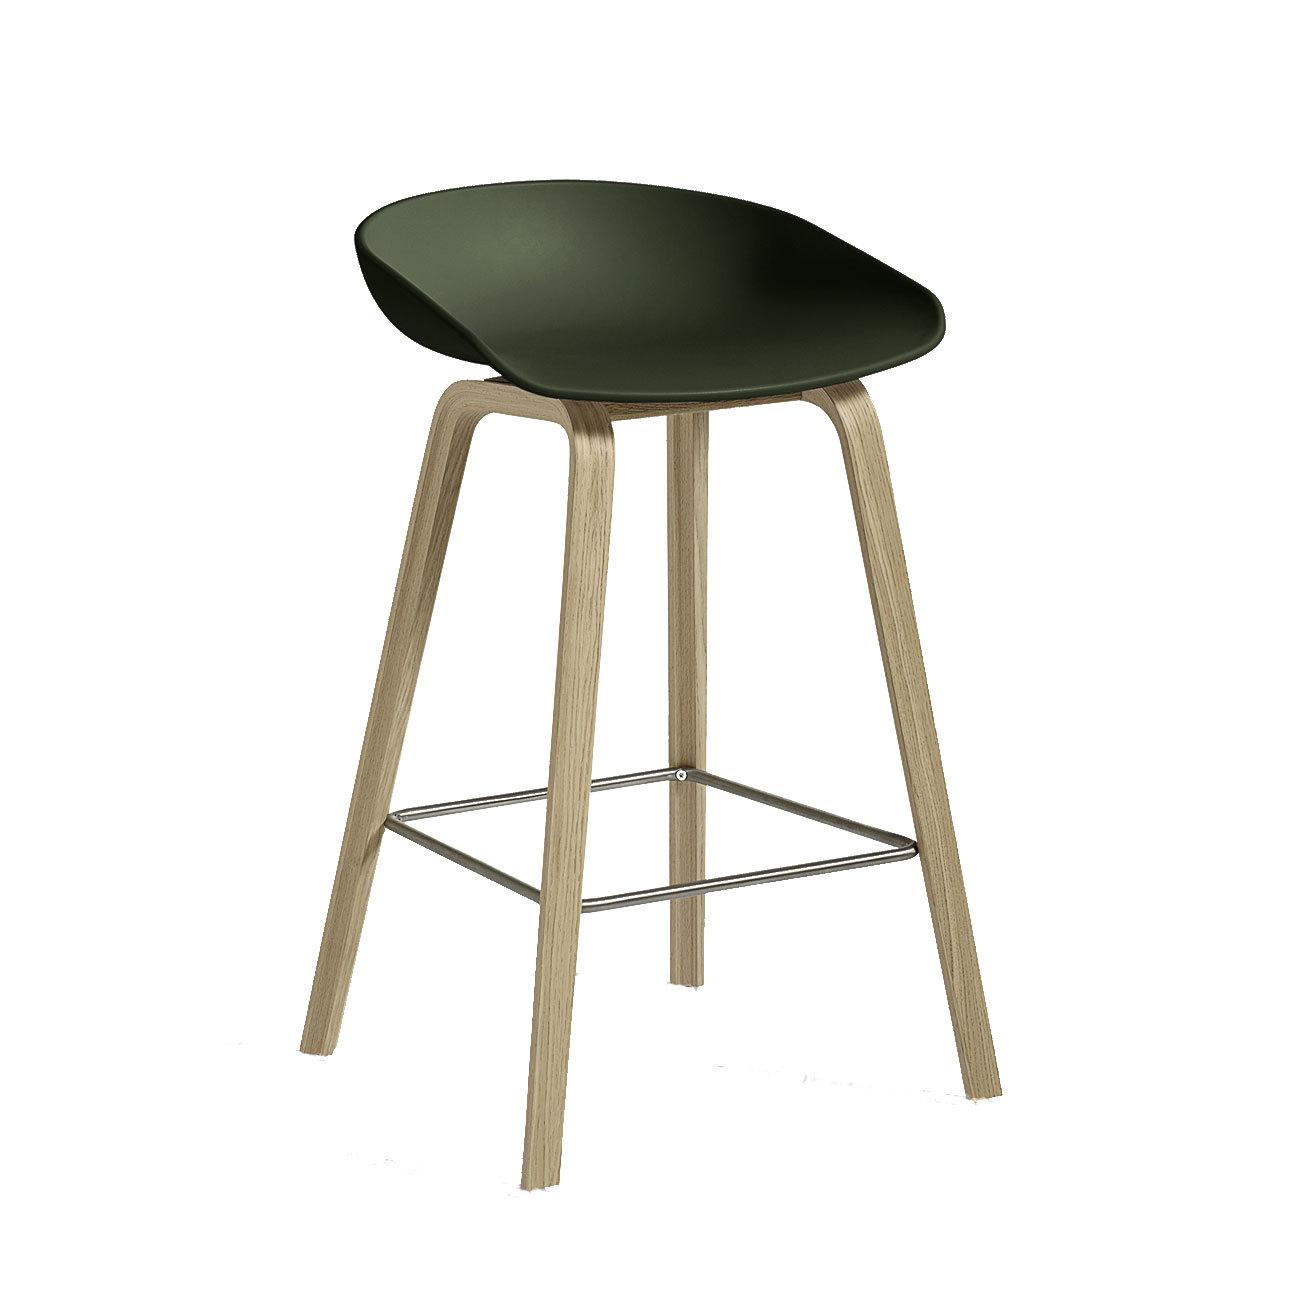 #5F4F3822238728 Design Meubel Winkel :: Meest recente Design Meubels Hay 2211 pic 130013002211 Ontwerp